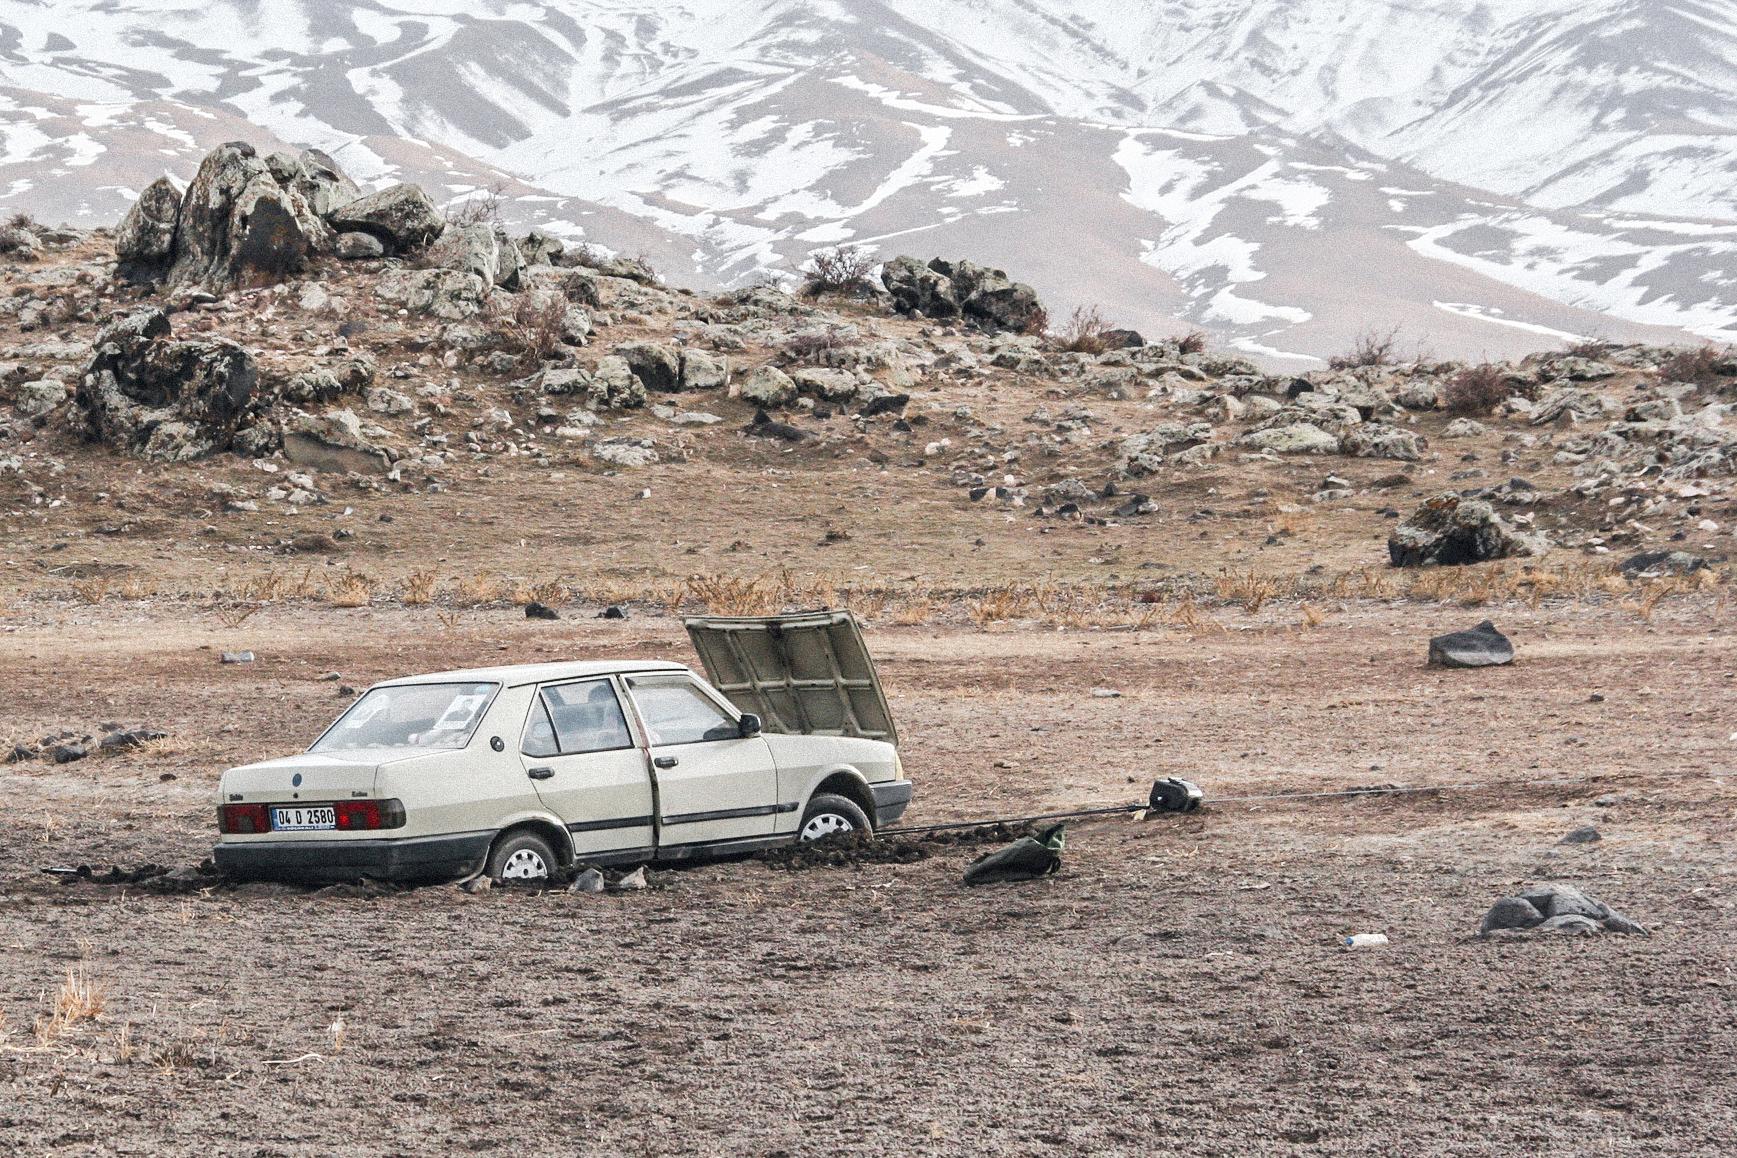 Wir wollten helfen! In den Ausläufern des Mt. Ararat, Türkei